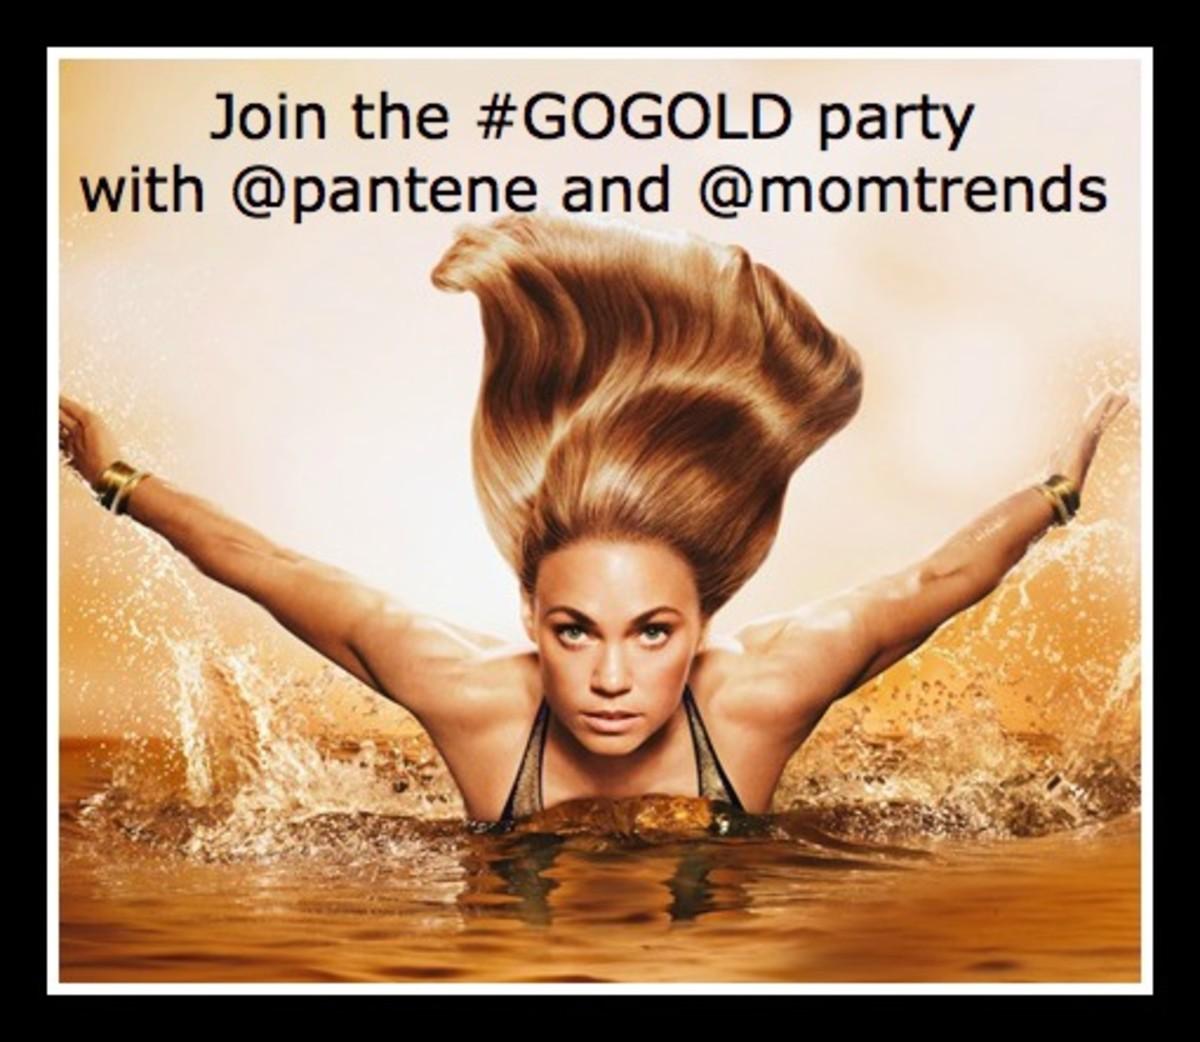 @pantene tweet chat